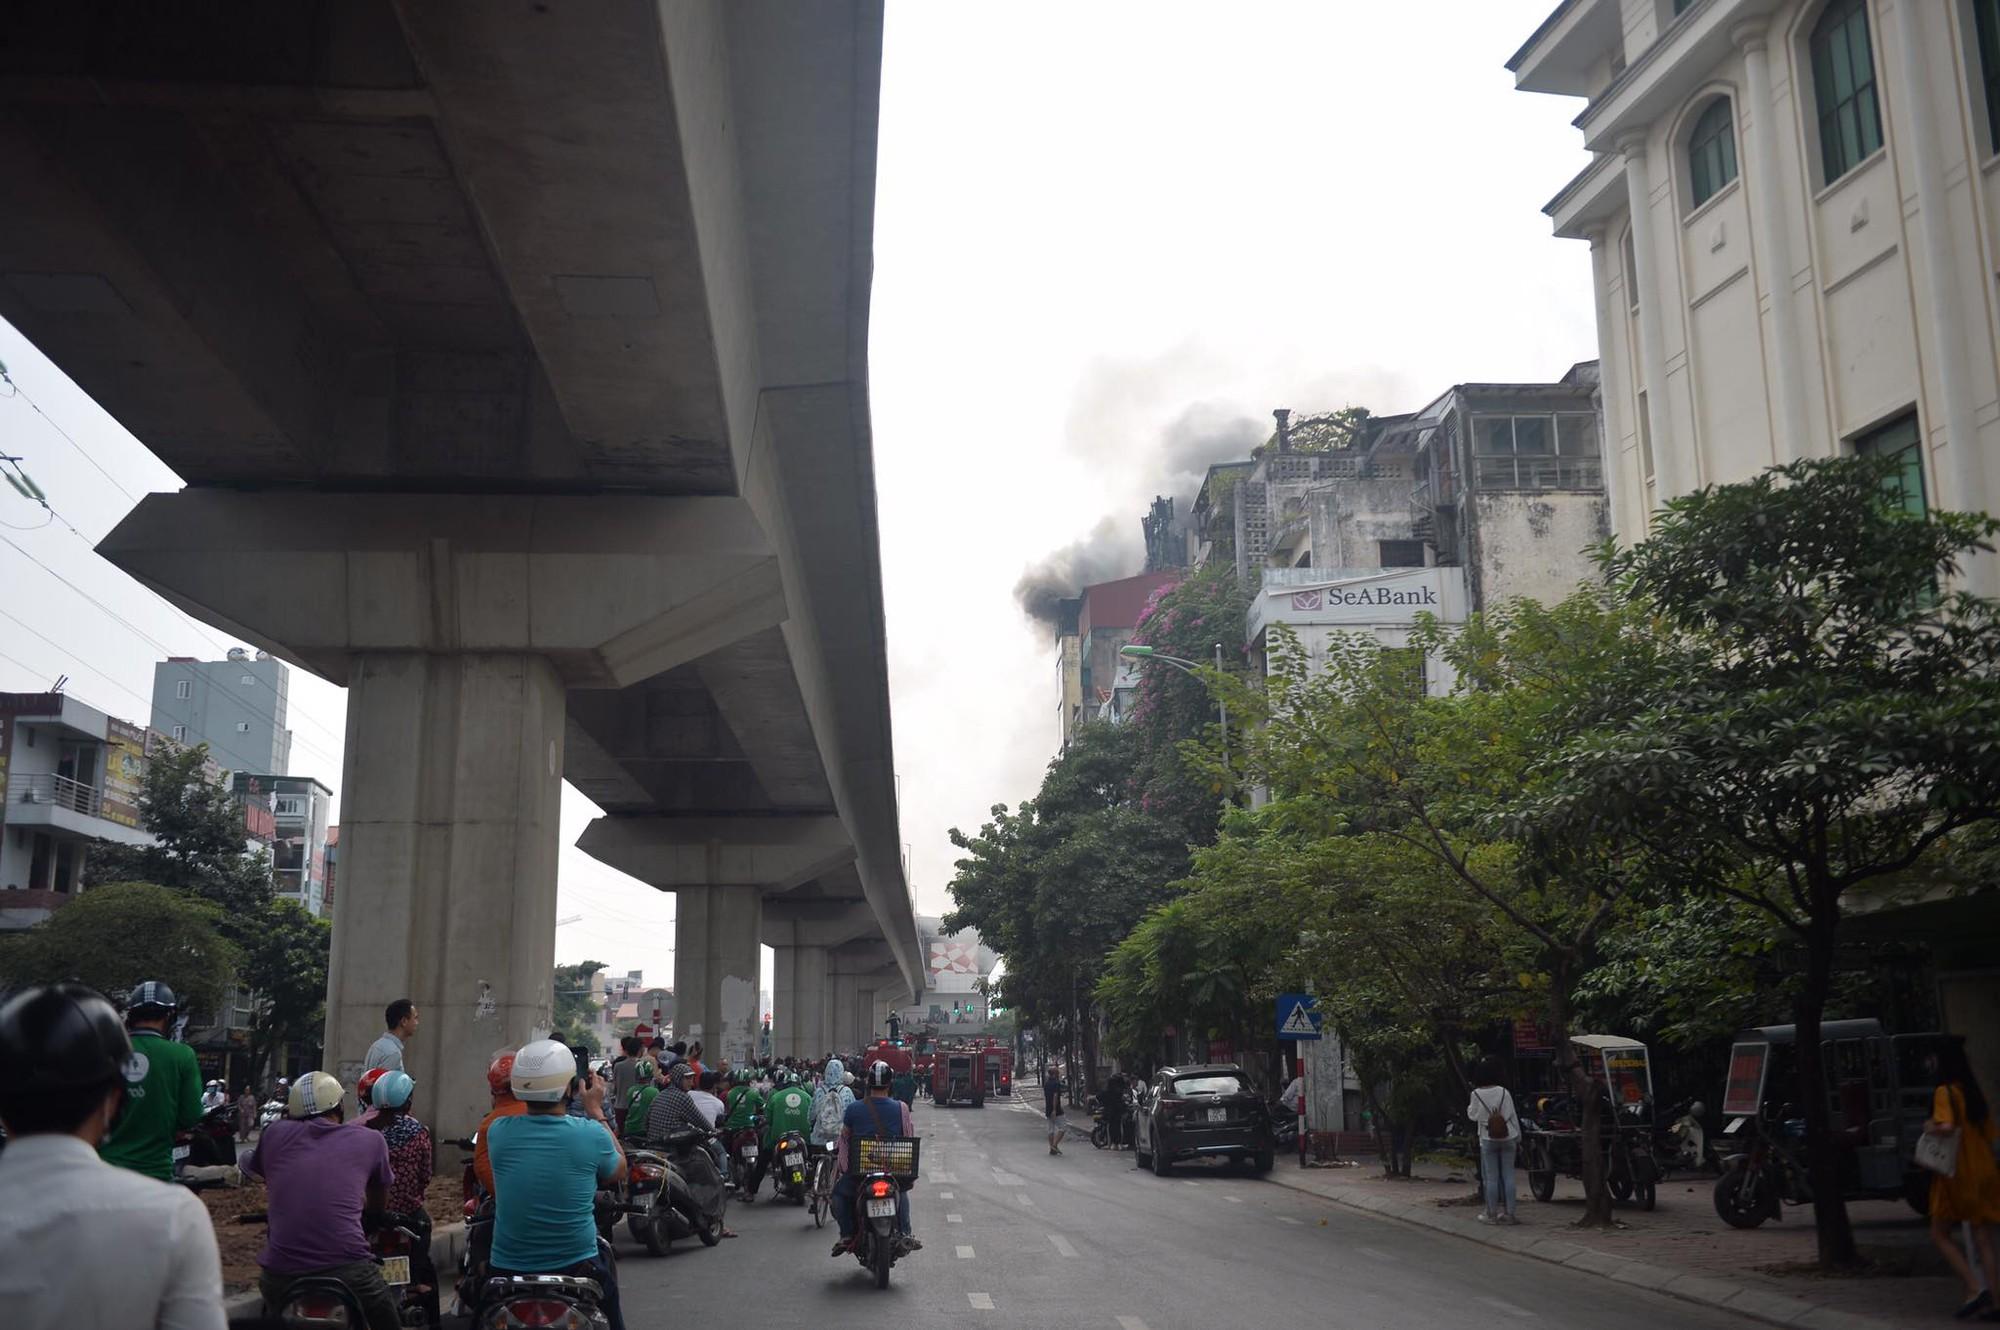 Hà Nội: Chủ đốt vàng mã gây cháy tại quán karaoke 9 tầng, điều động xe thang cùng hàng chục chiến sĩ PCCC dập lửa - Ảnh 2.